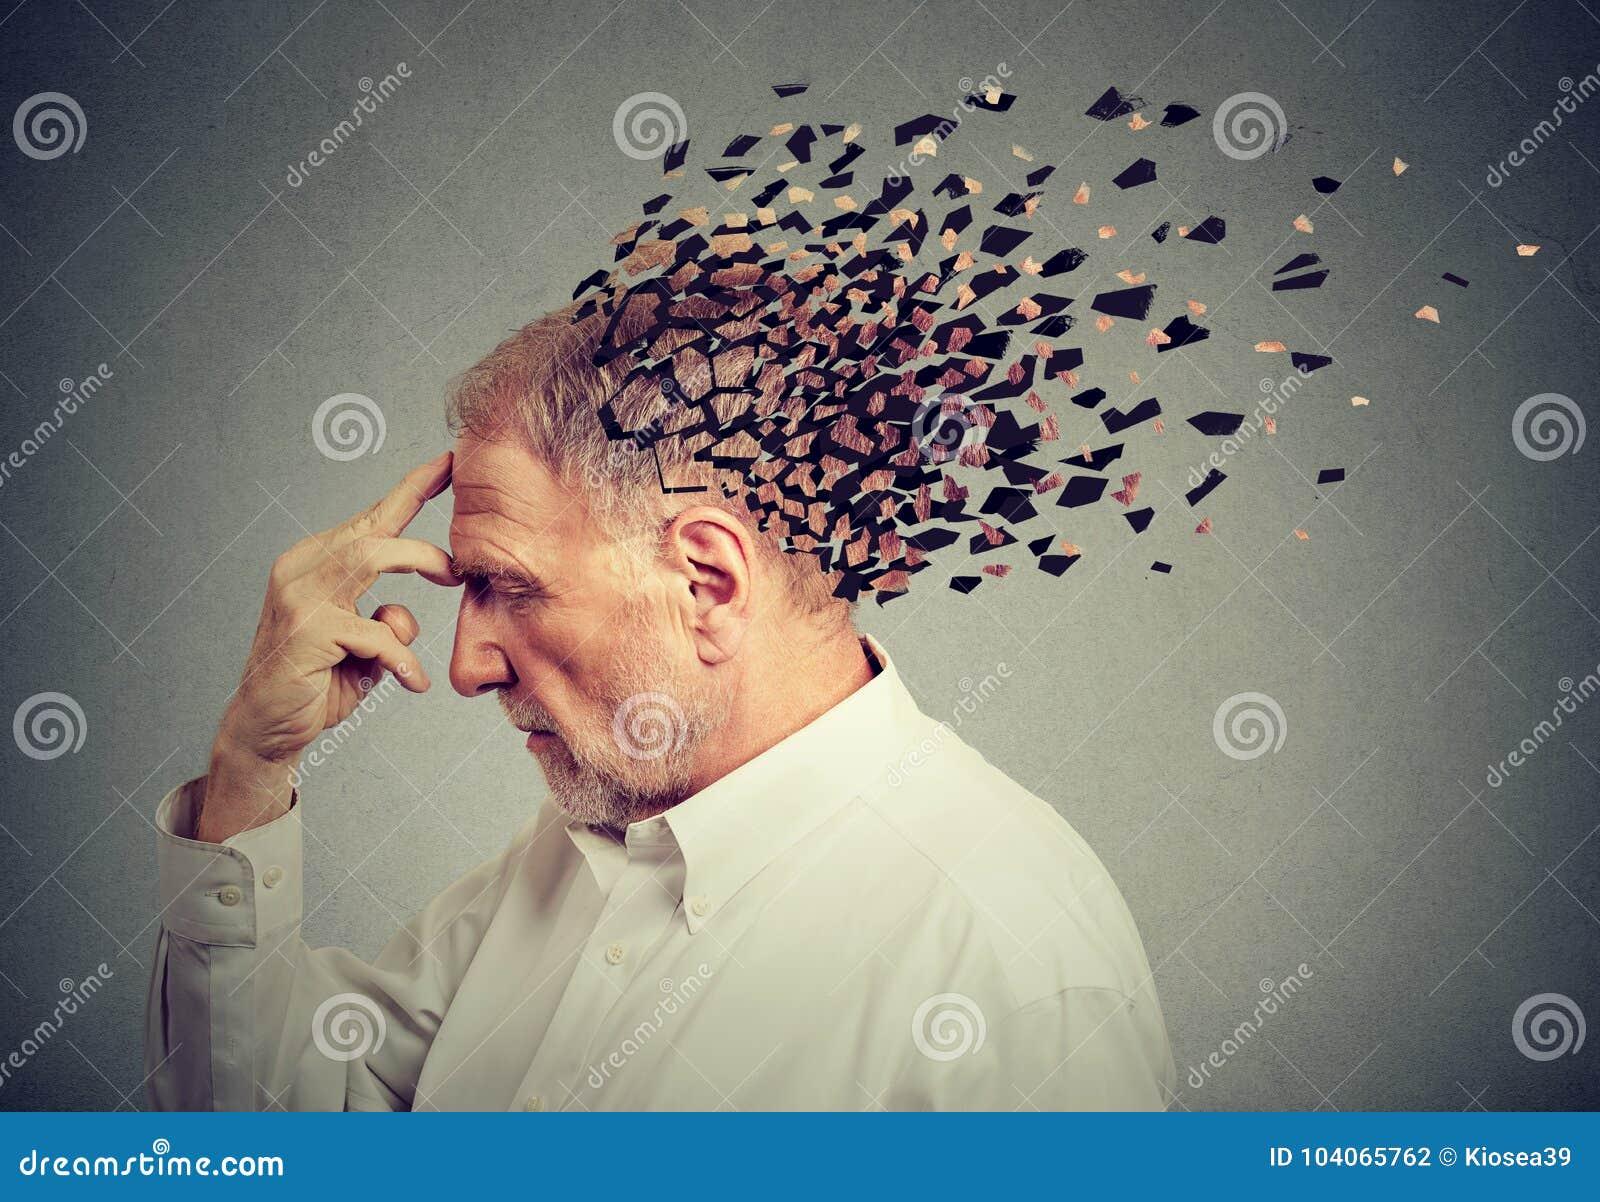 Pérdida de memoria debido a la demencia Piezas perdidosas del hombre mayor de la cabeza como muestra de la función disminuida de